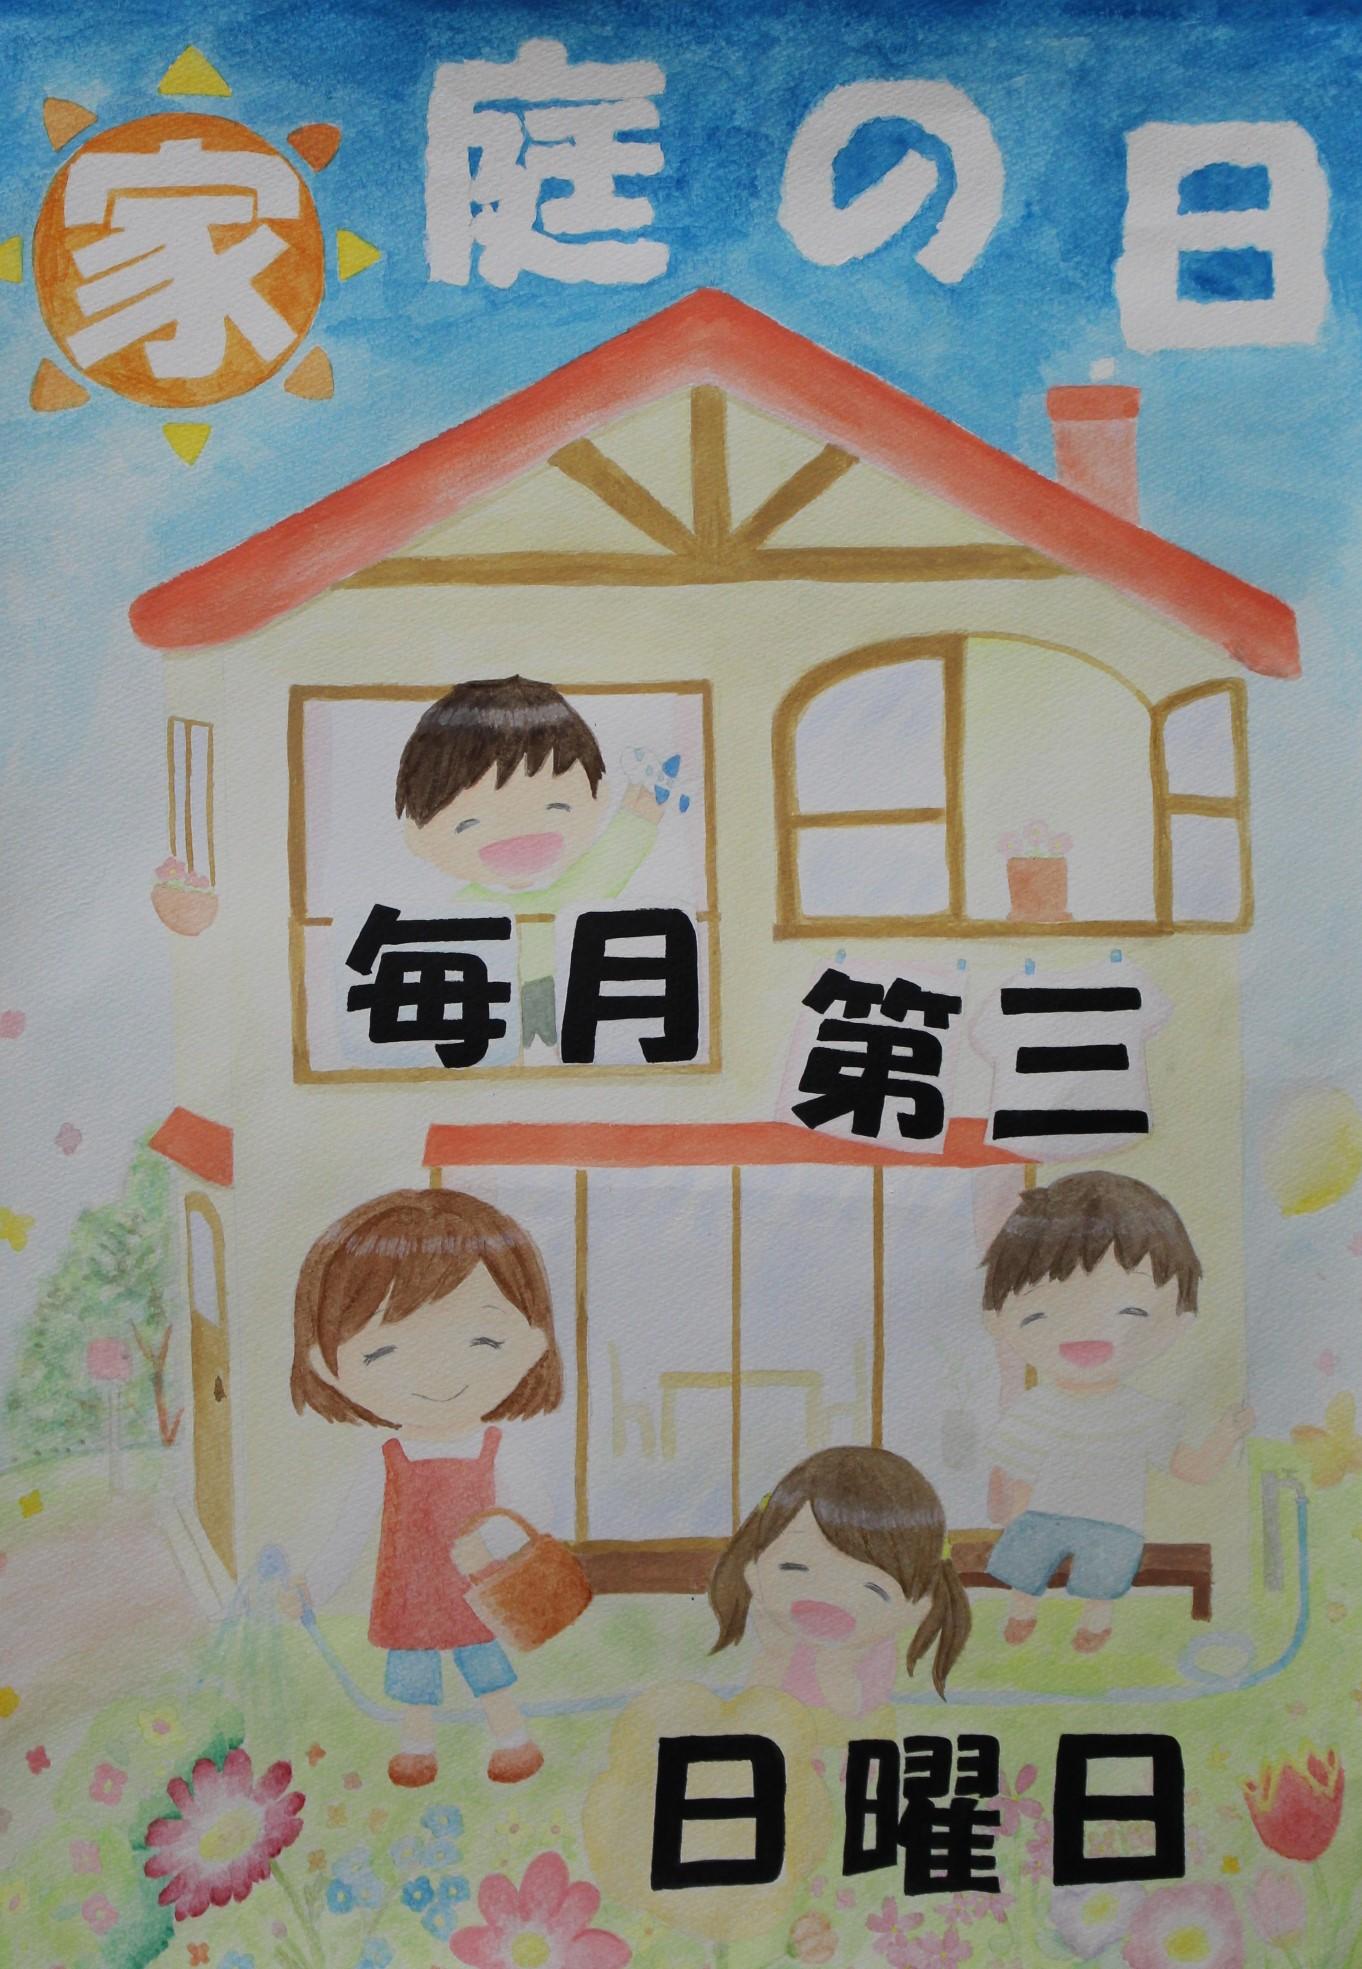 優良賞宮崎県立妻高等学校 3年渡邉 奈々(わたなべ なな)さん